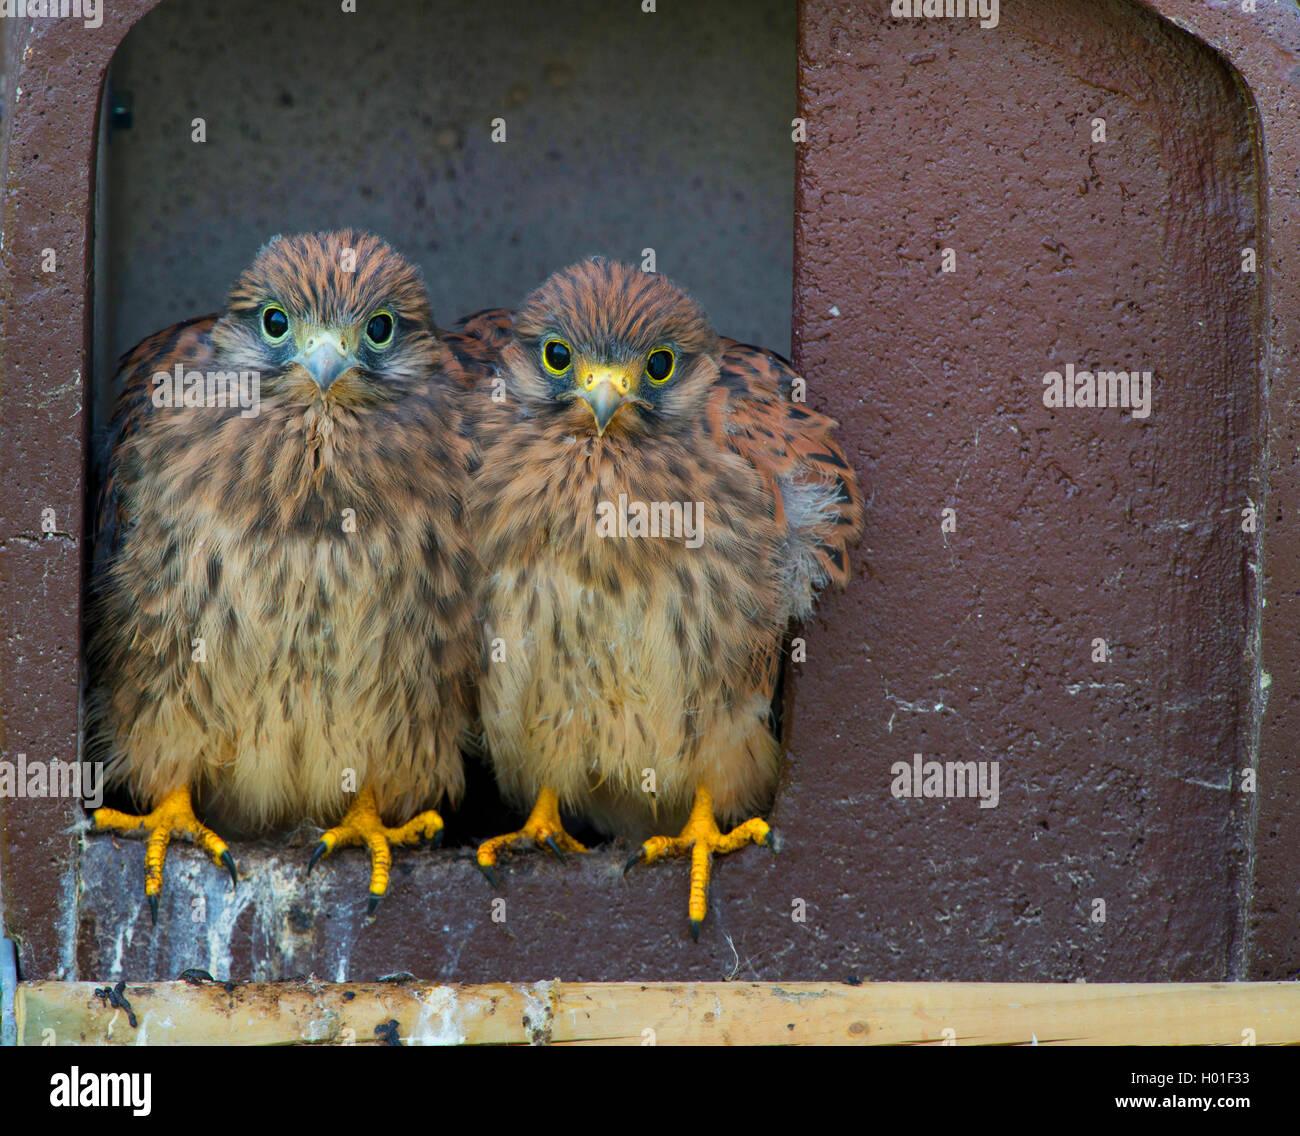 Turmfalke, Turm-Falke (Falco tinnunculus), zwei Vogelkinder sitzen zusammen im Nistkasten, Vorderansicht, Deutschland, - Stock Image